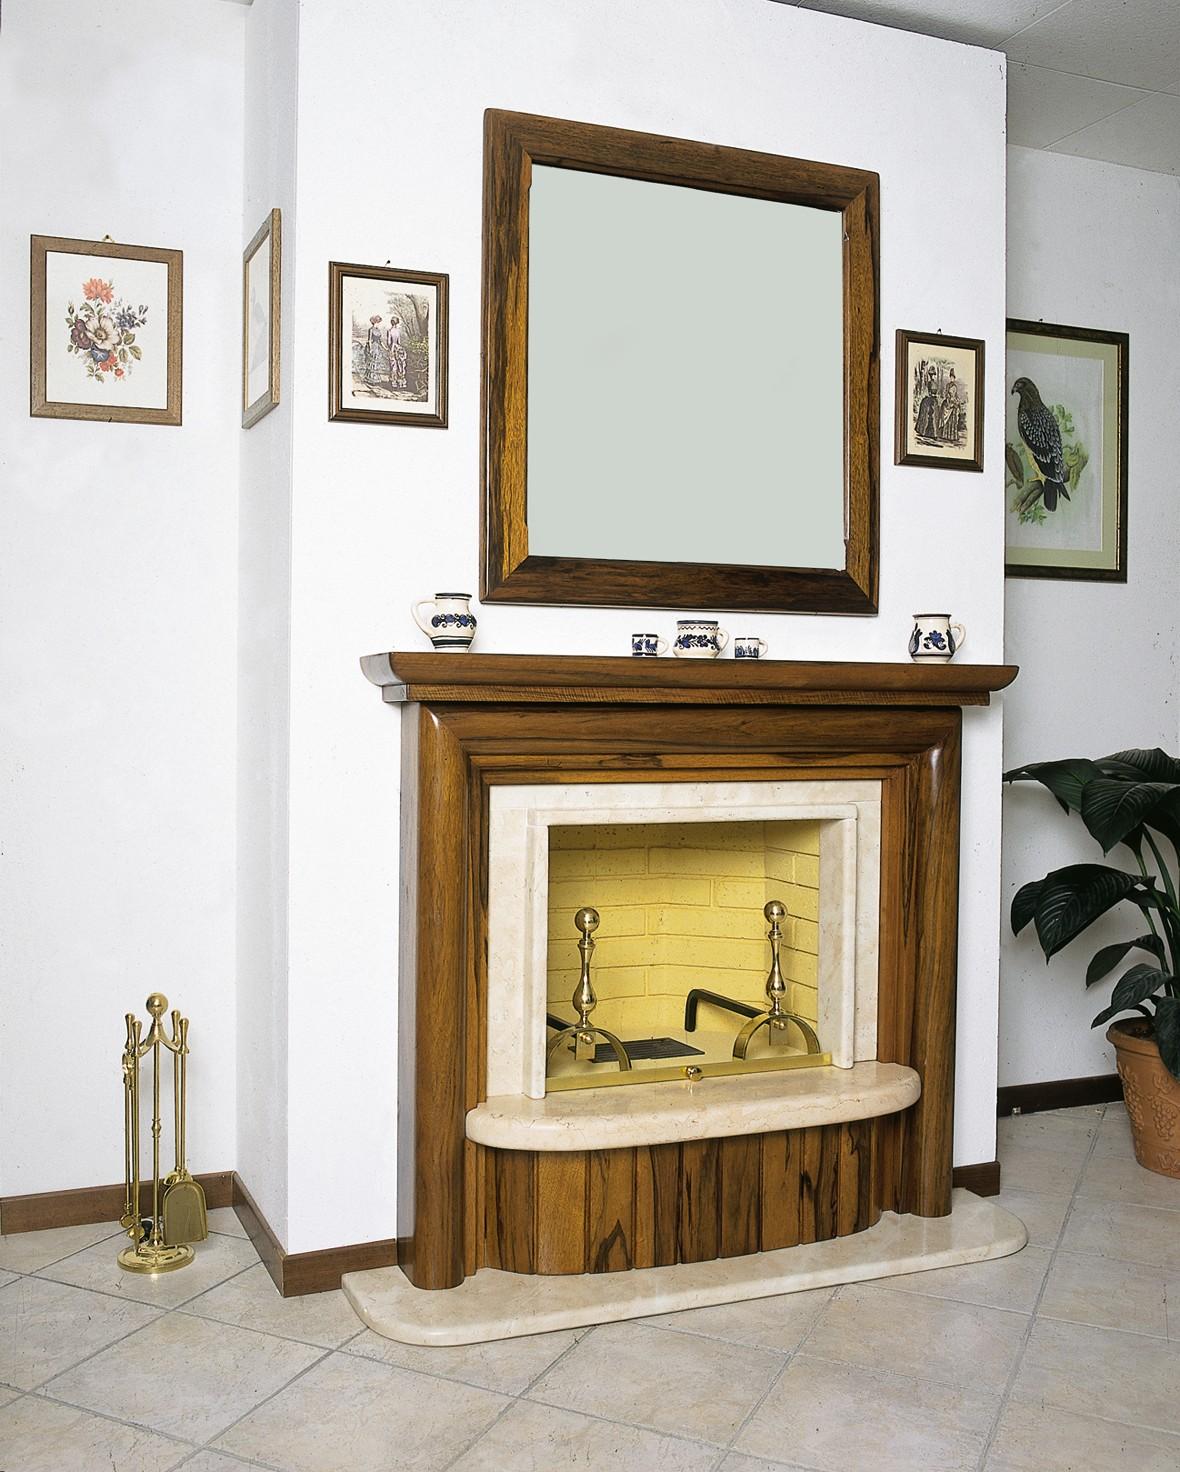 Caminetti da sala caminetto economico 606 toscana marmi for Economici rivestimenti in legno